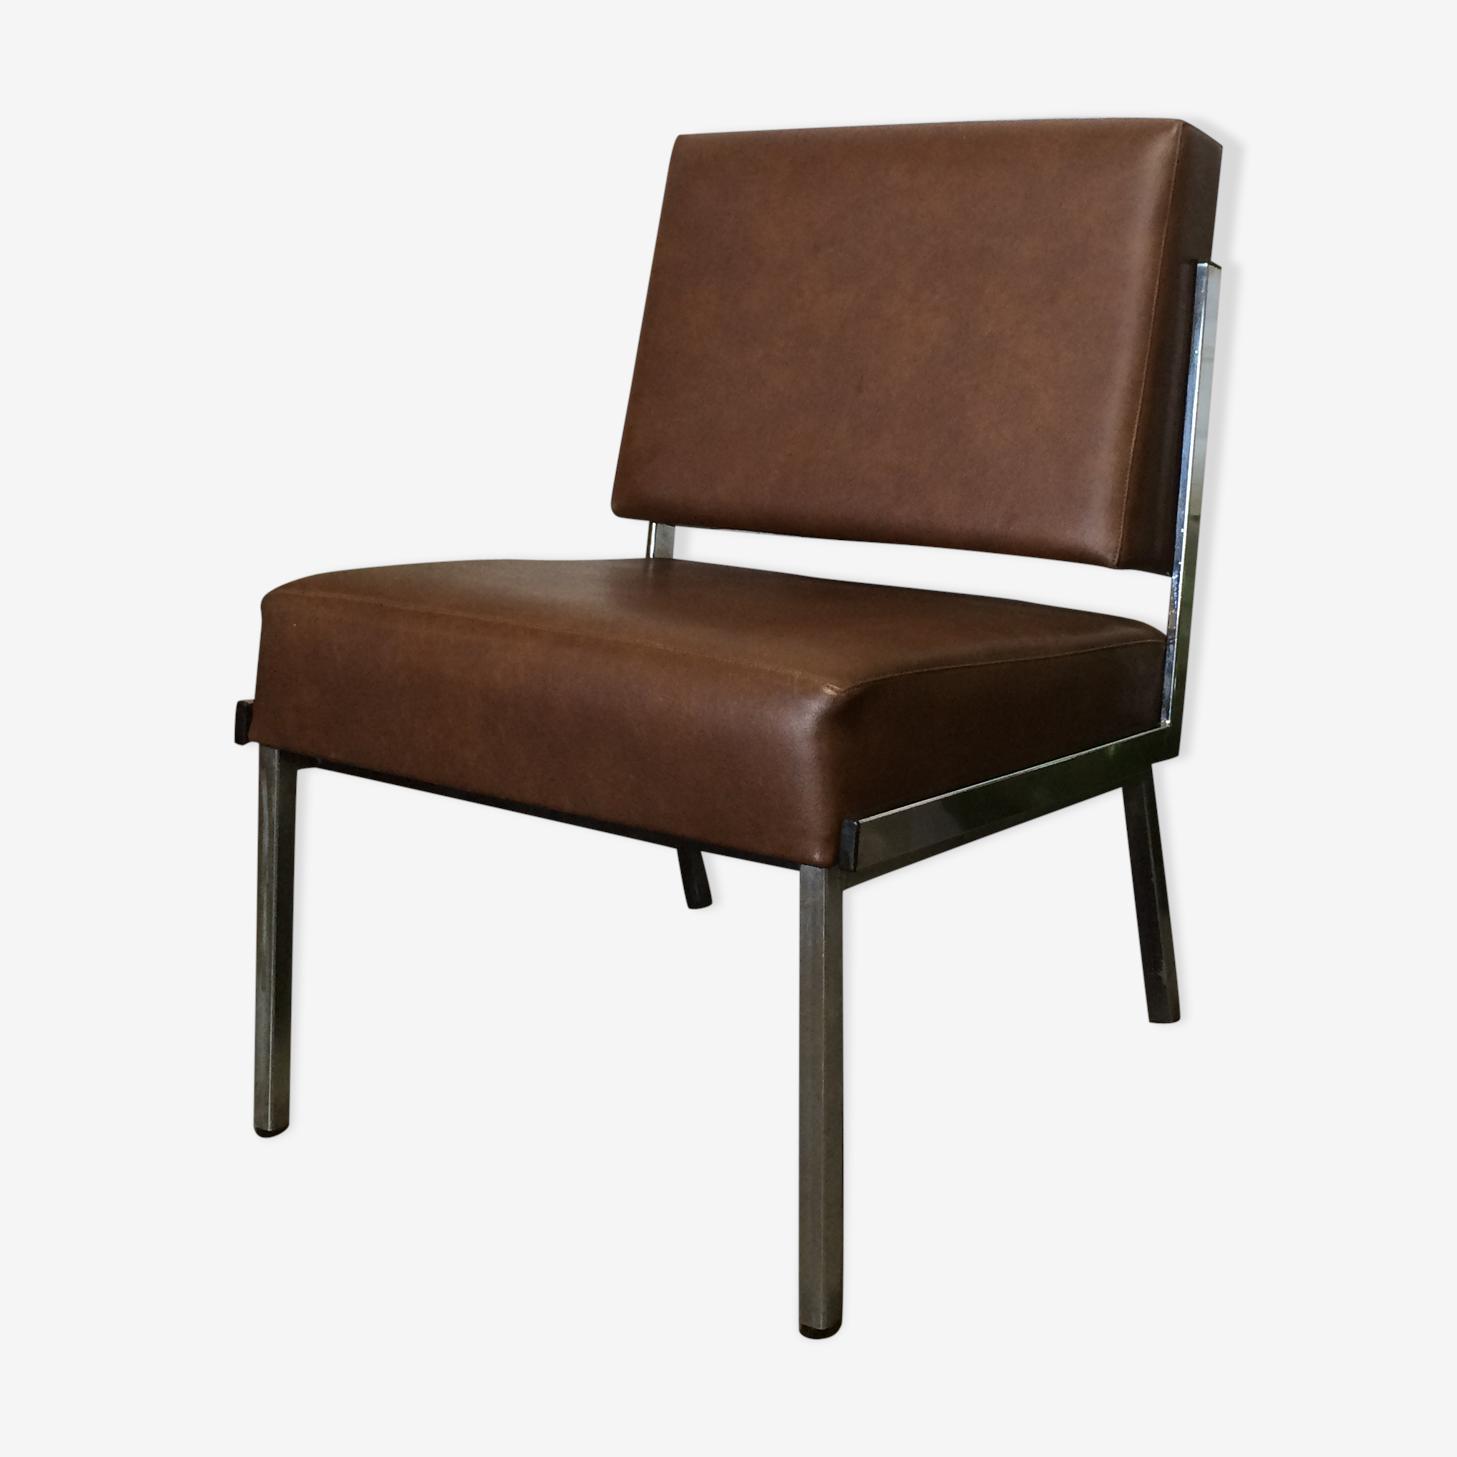 Chauffeuse moderniste/ fauteuil vintage chrome et skai